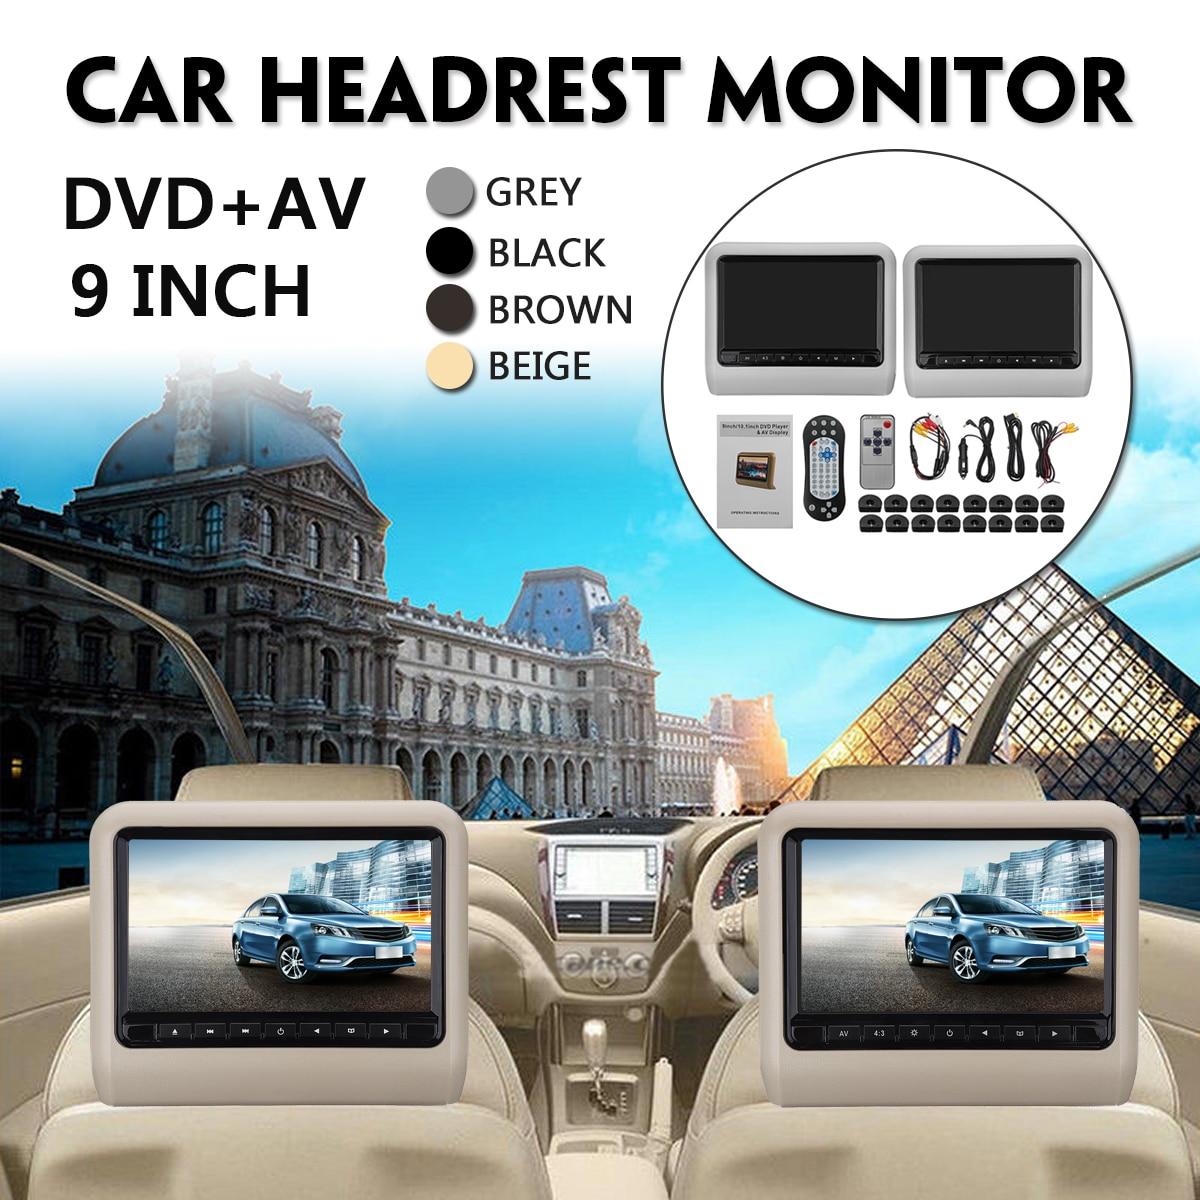 9 pollice Auto Poggiatesta Monitor DVD + AV Player Remote Controller con Cavo di kit Per Auto Cuscino monitor LCD universale